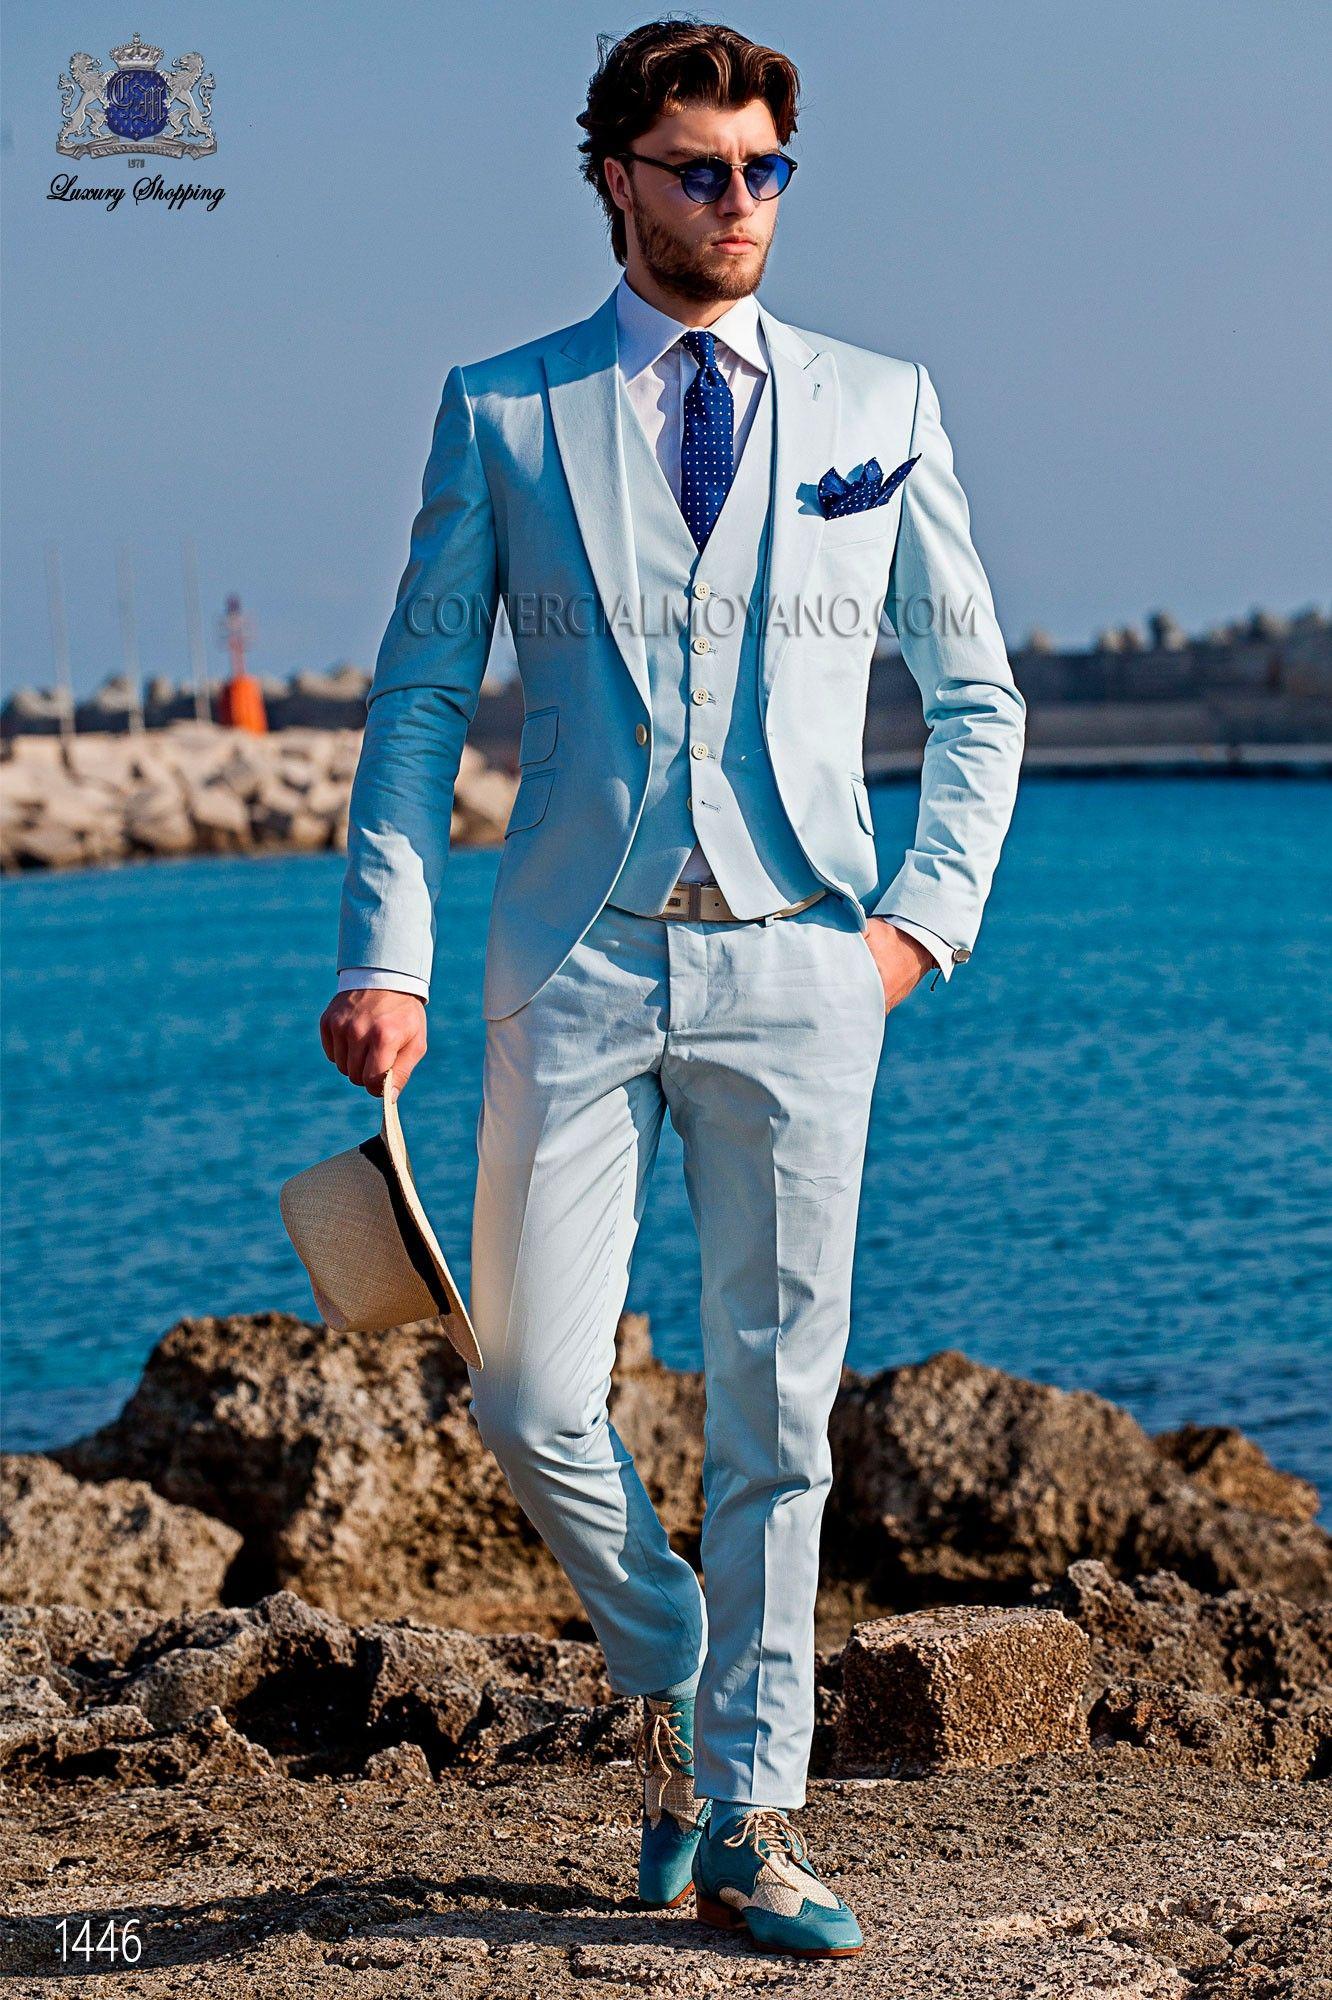 Traje moderno italiano de estilo ucslimud modelo solapas punta y